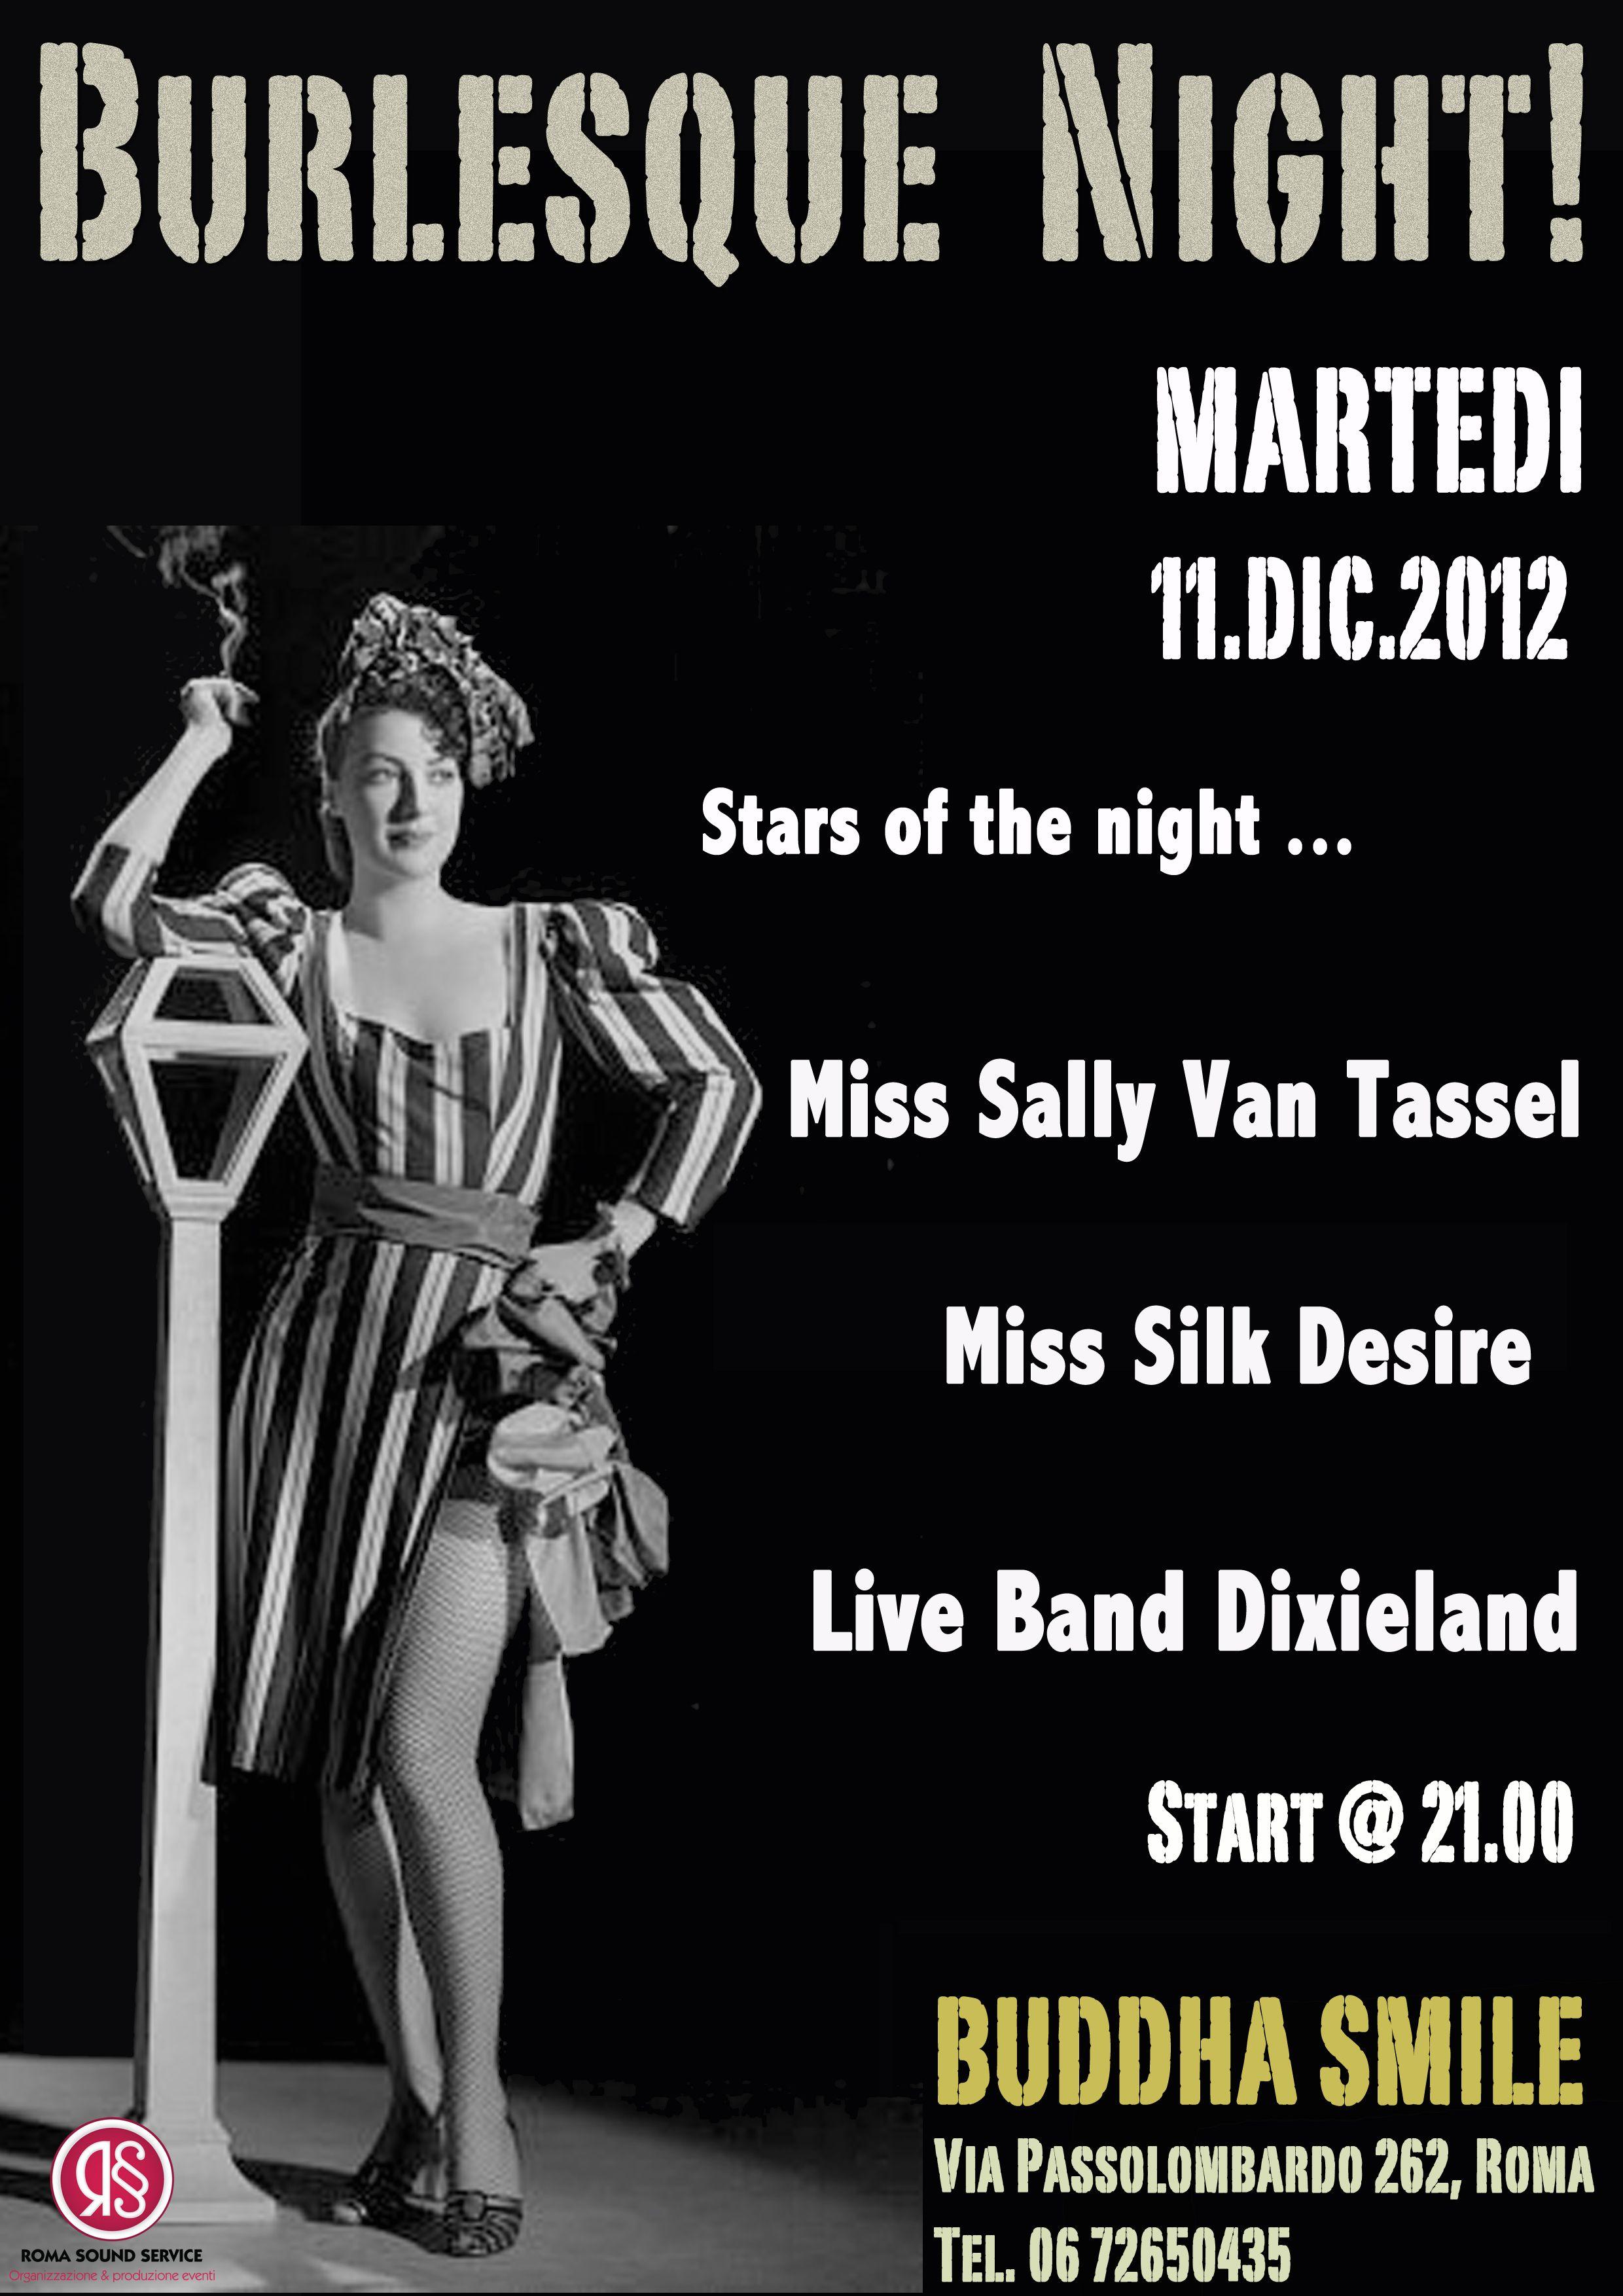 Martedì 11 dicembre 2012: Burlesque Night + Dixieland Live Music @ Buddha Smile! Via Passolombardo 262 - Roma  Live show by Sally Van Tassel & Silk Desire!  Info e prenotazioni: 06.72650435